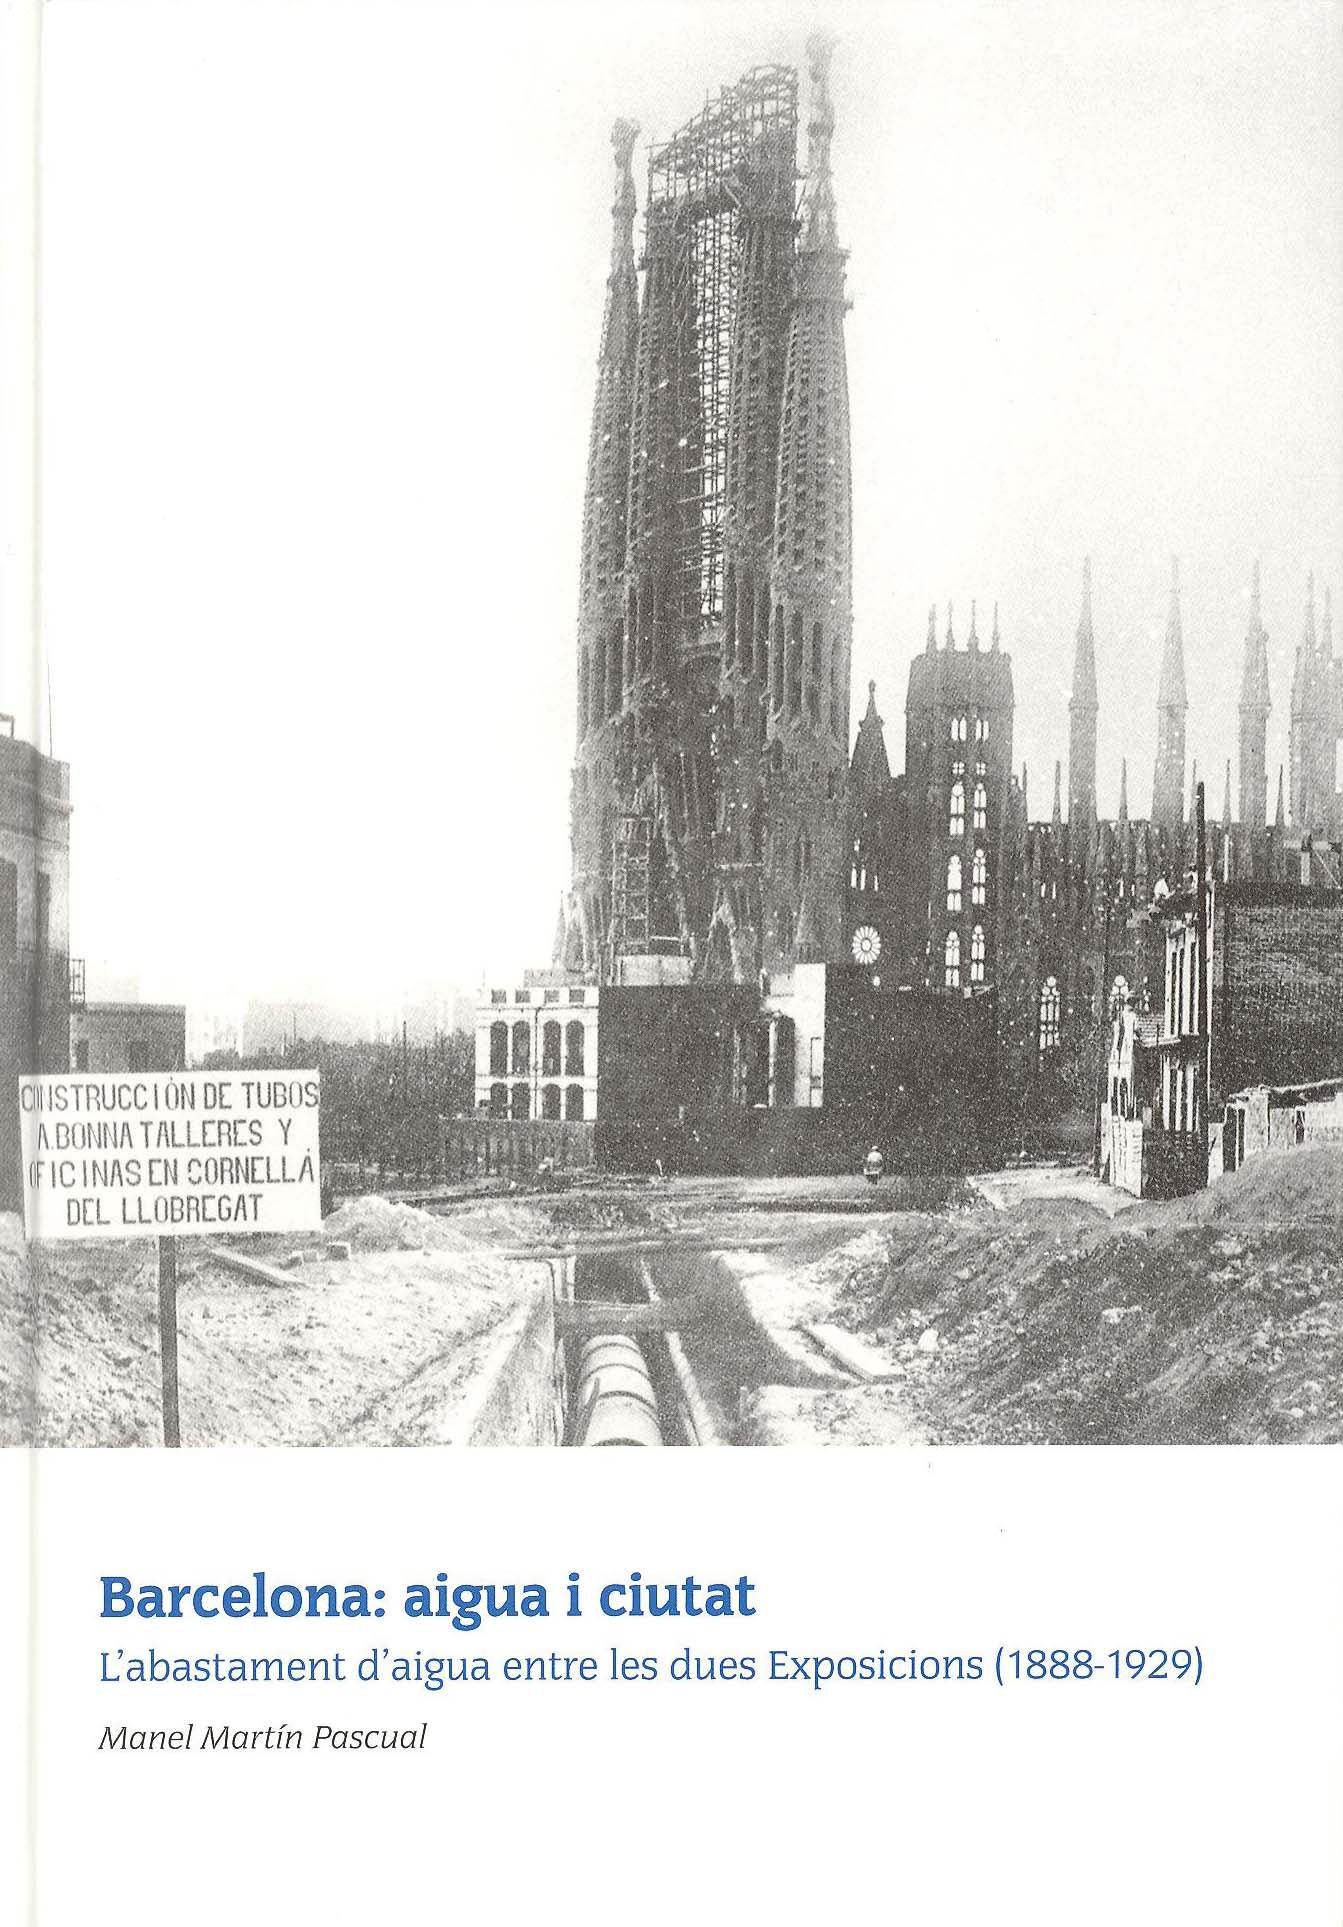 Barcelona: aigua i ciutat